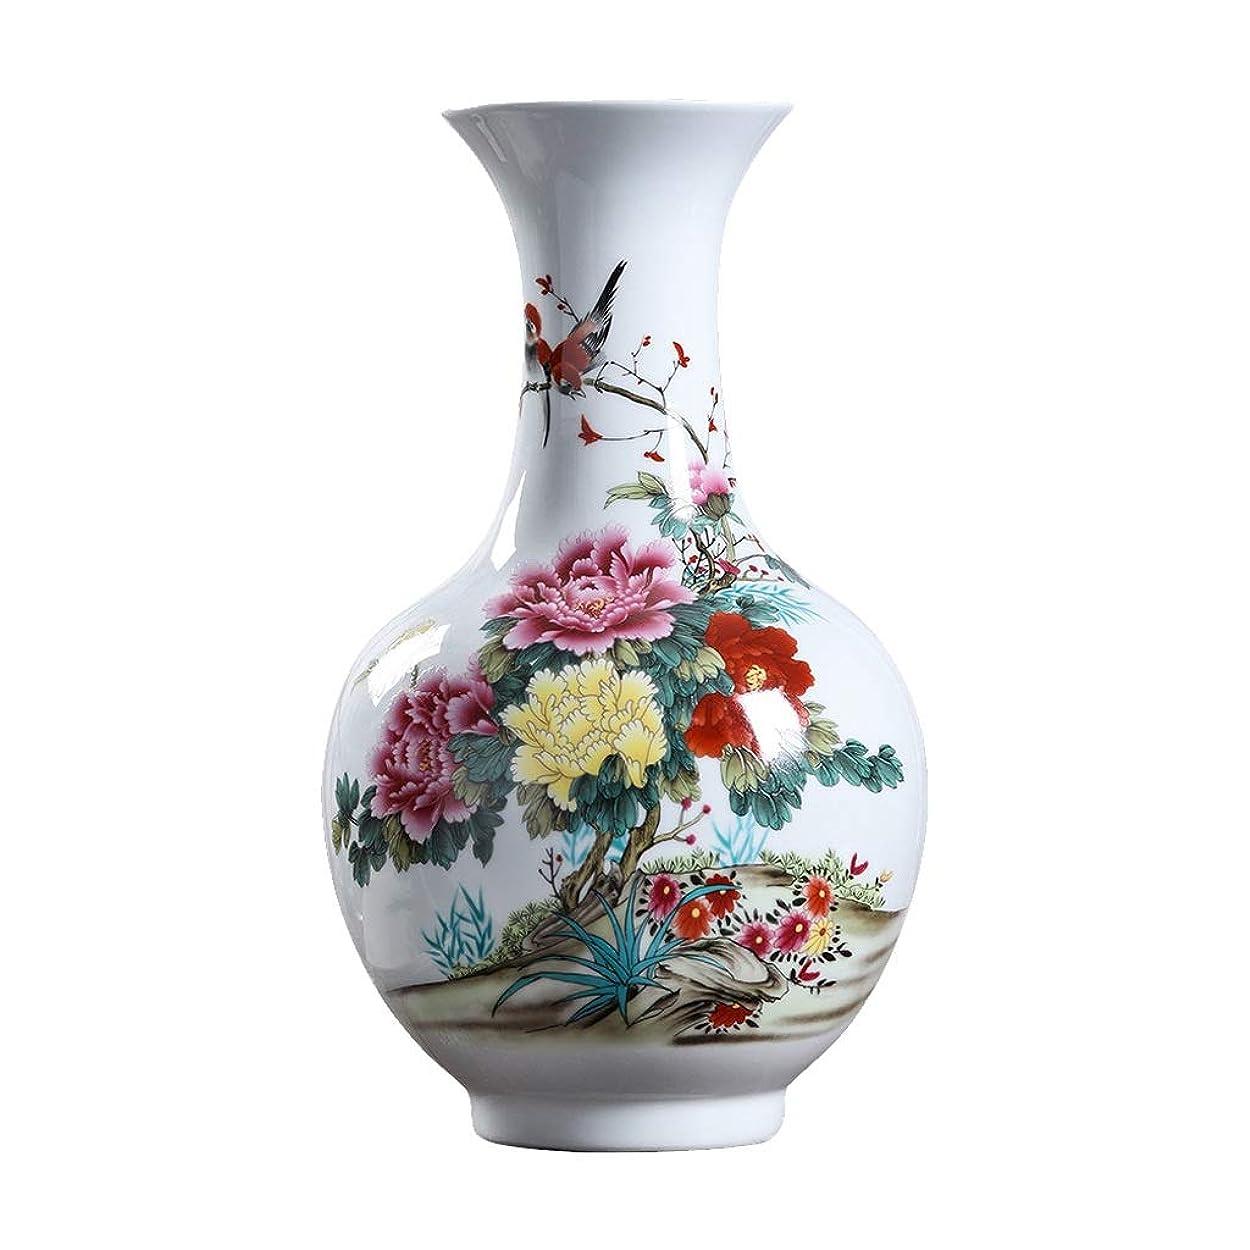 状計画音声花瓶 ベースホワイトで装飾アートホーム世帯ウェディングリビングルームベッドルームオフィステーブル用セラミック花瓶古典花と鳥ハイグレード インテリア フラワーベース